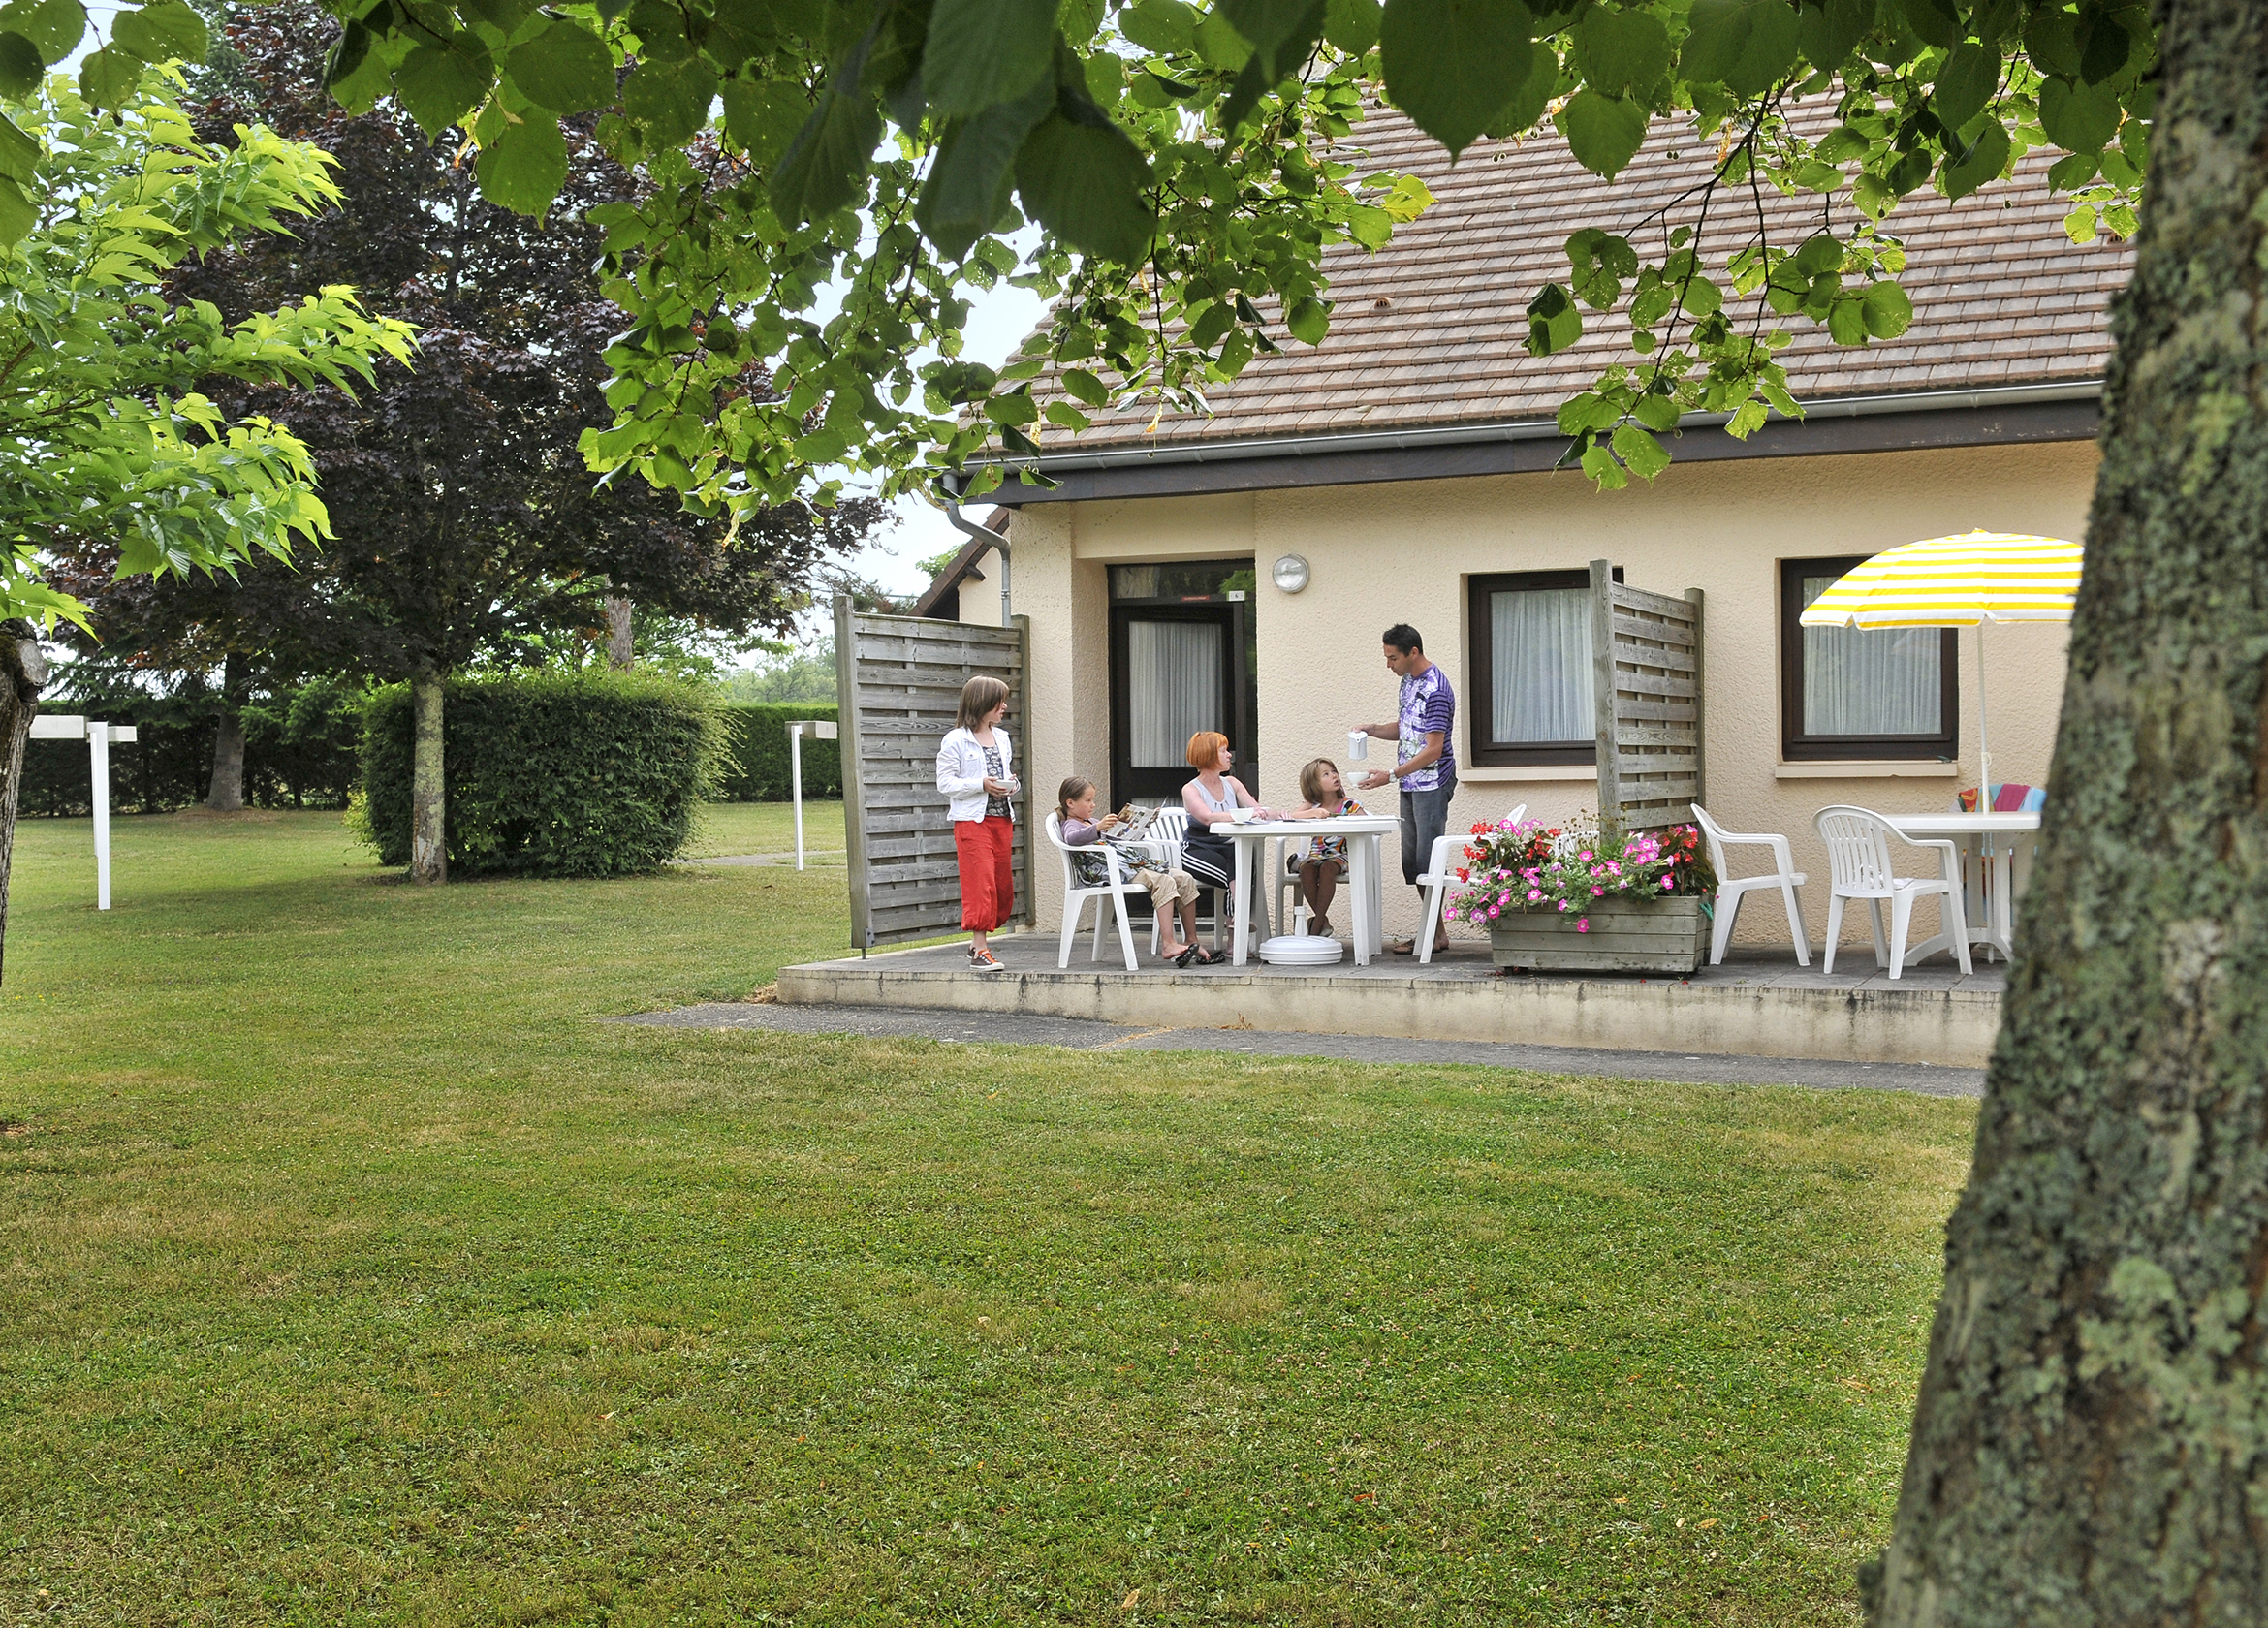 WEB - Fiches villages - Sorges en Périgord - PEA